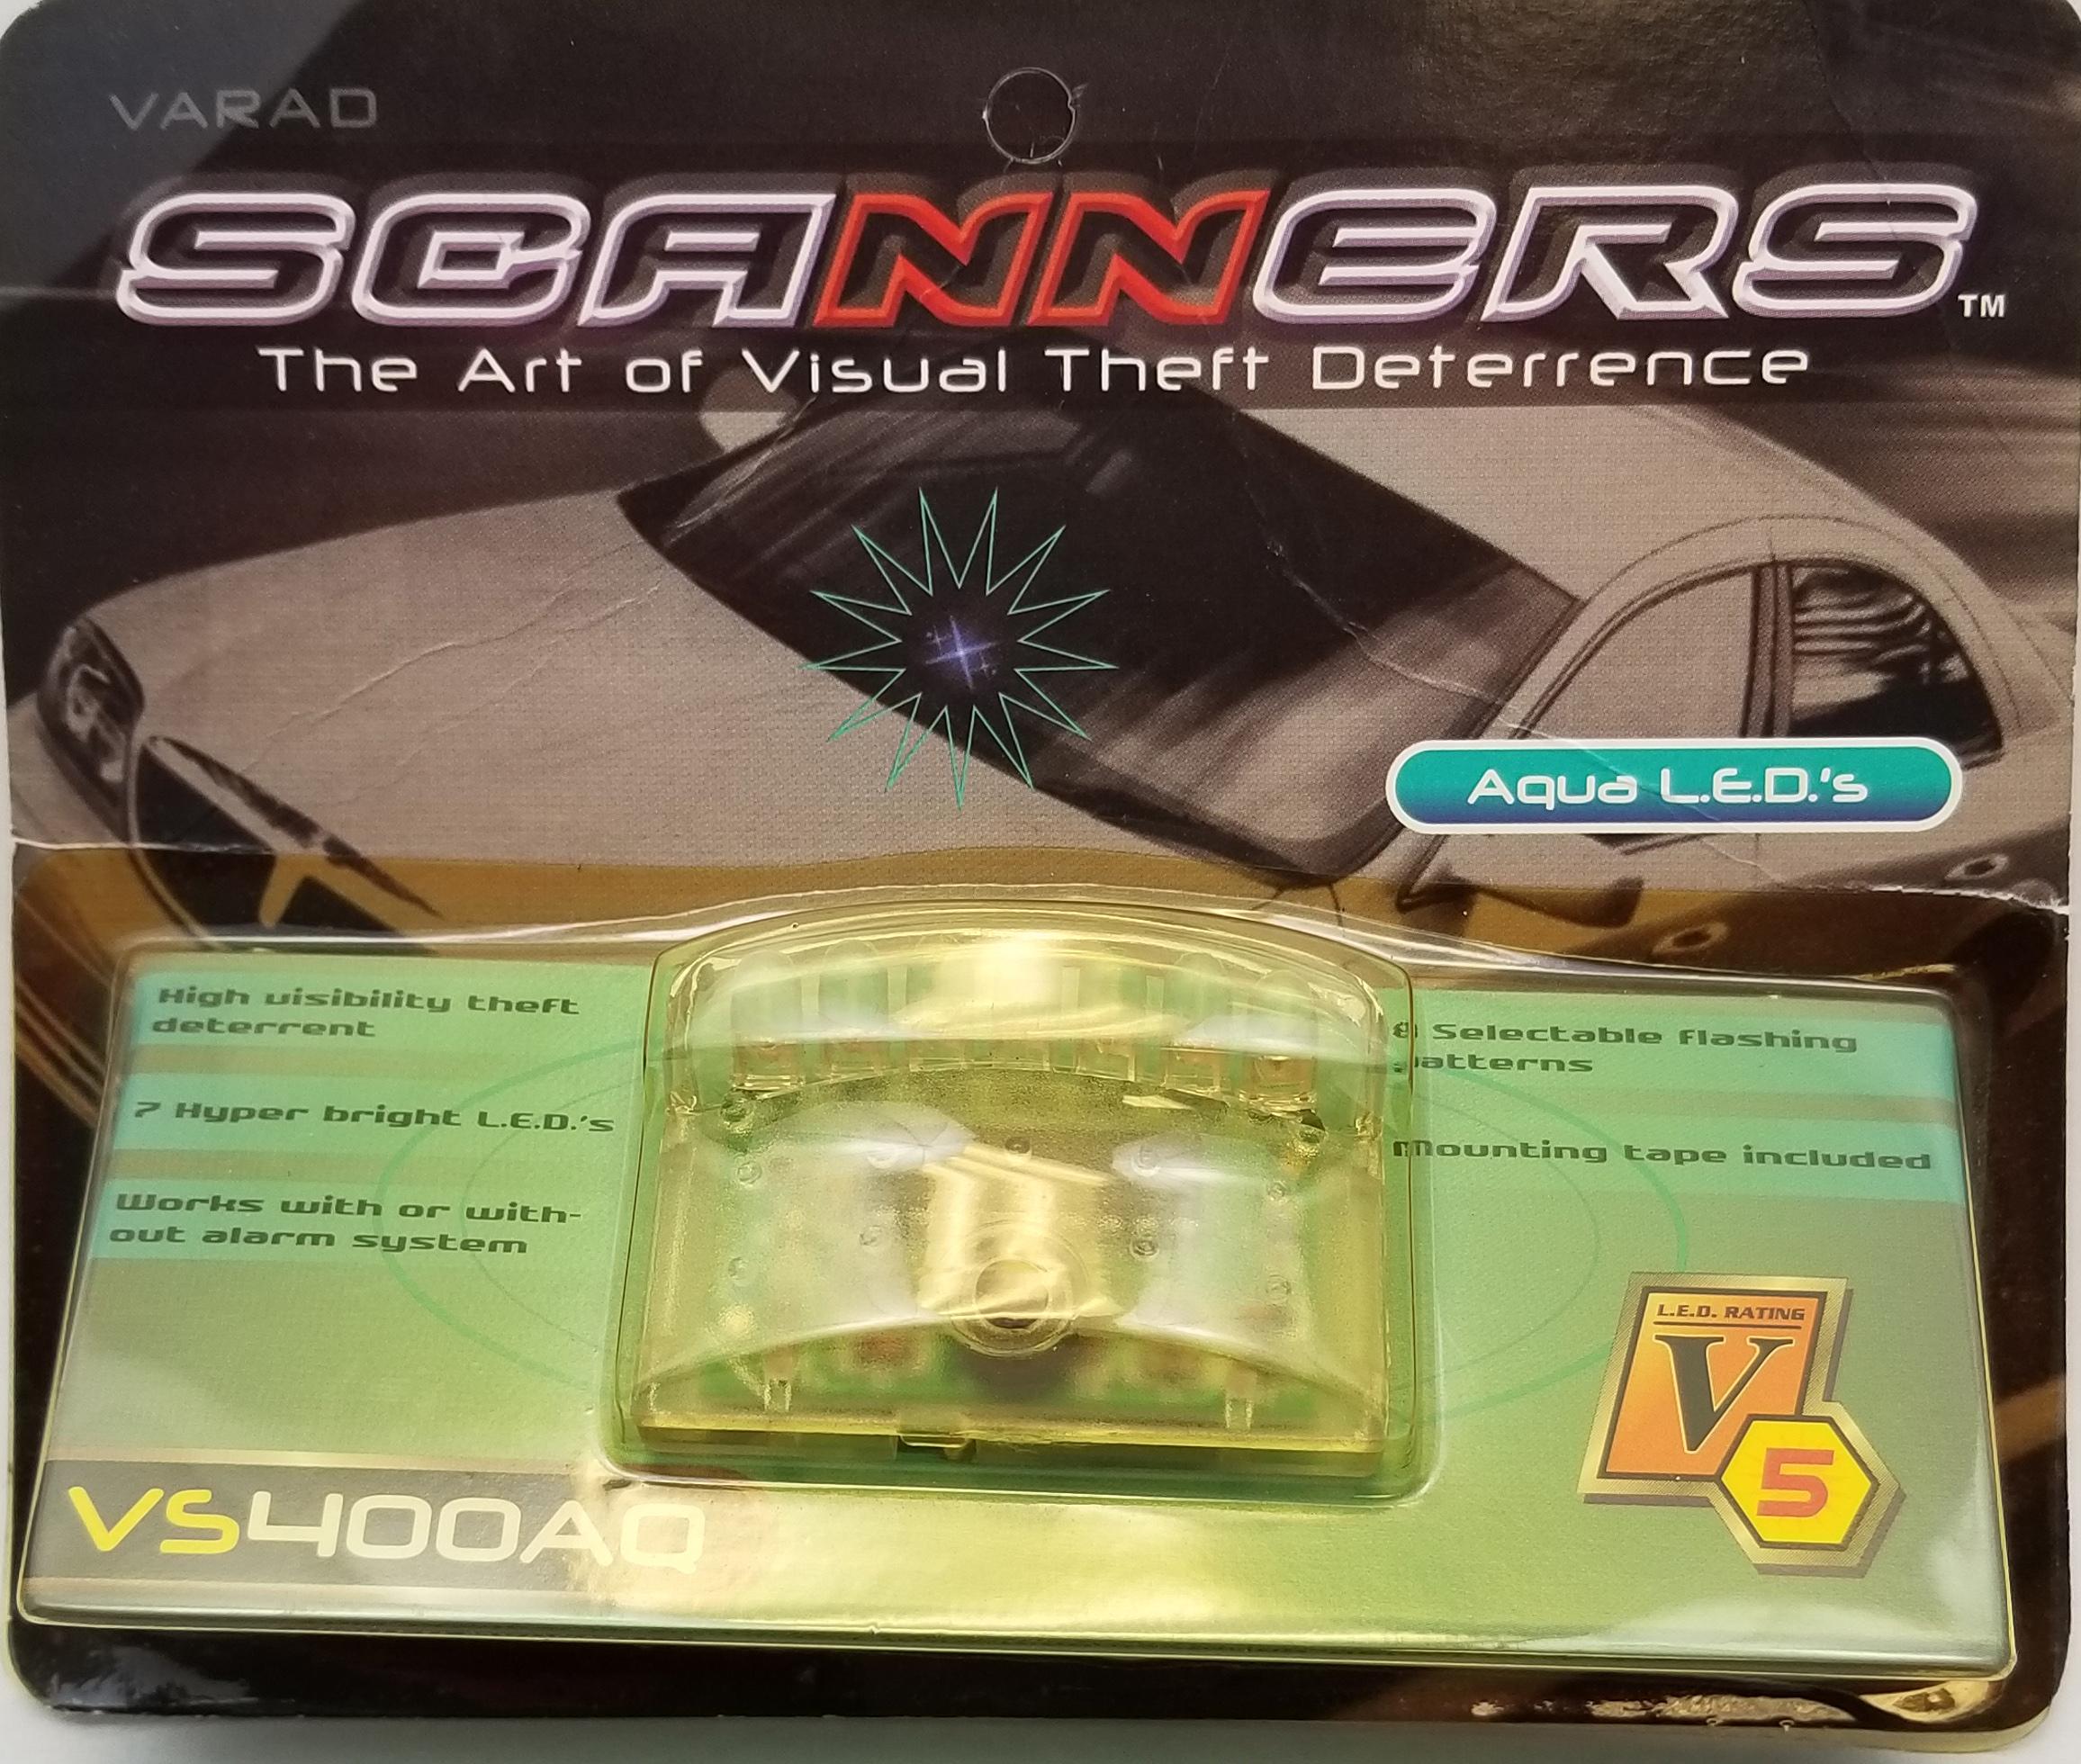 VS400AQ - Varad Laser 7 Led Aqua Light Theft Deterrent